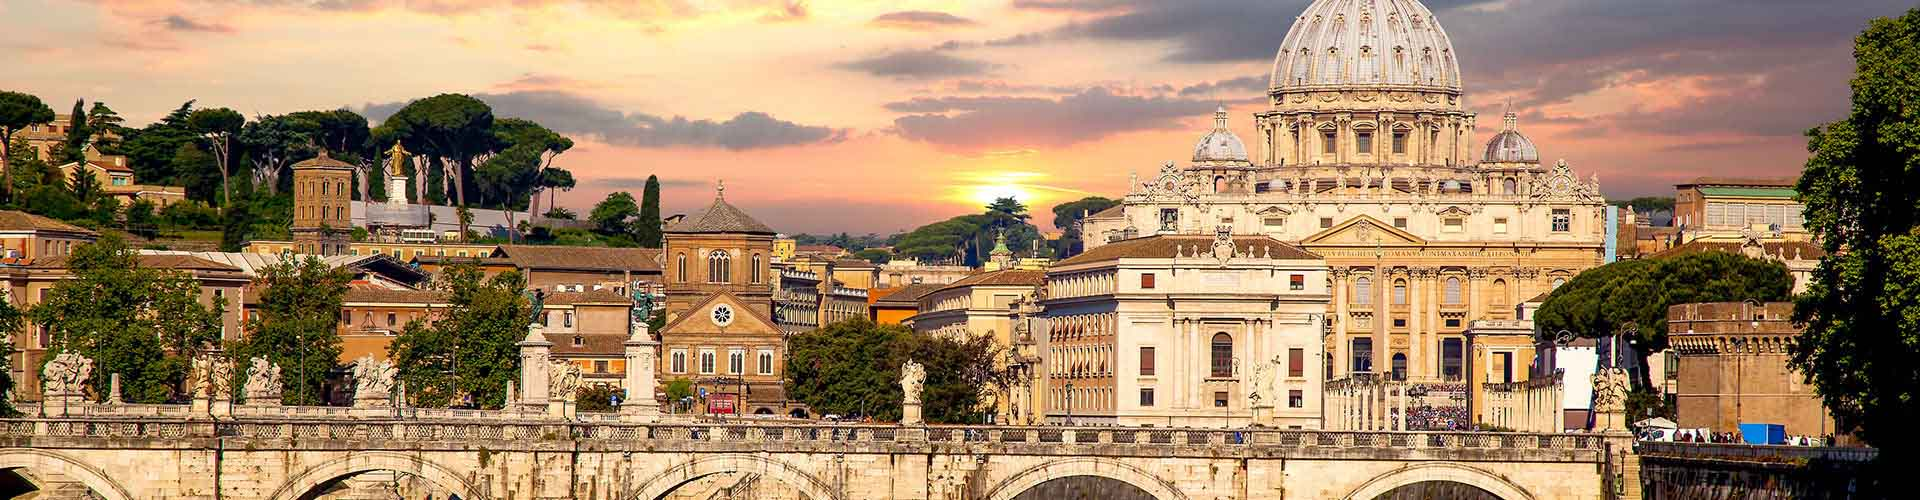 Rome - Appartements dans le quartier de Quartiere Primavalle. Cartes pour Rome, photos et commentaires pour chaque appartement à Rome.